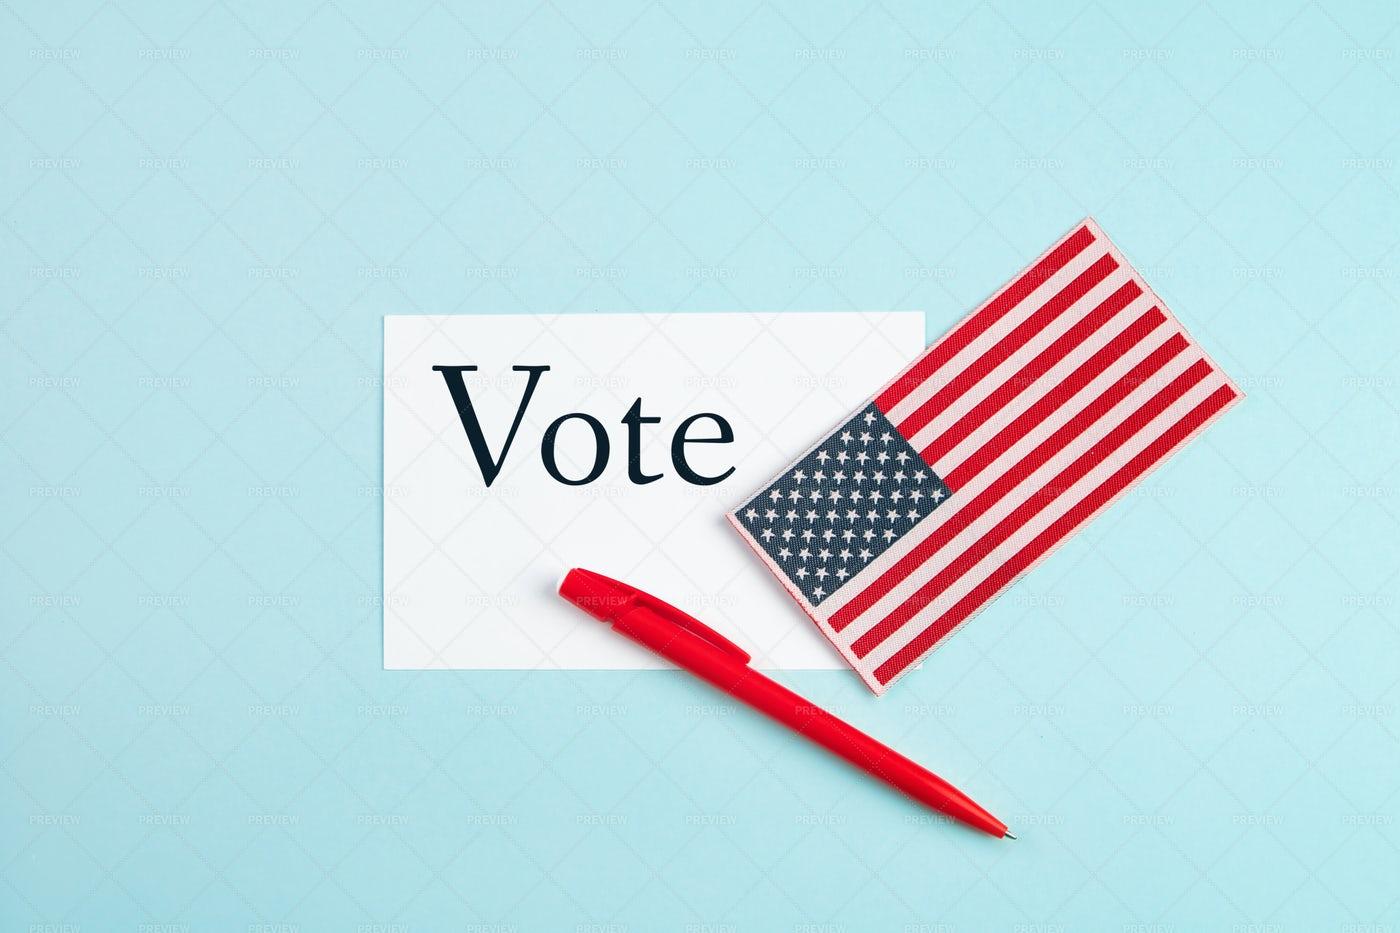 Us Vote Concept: Stock Photos